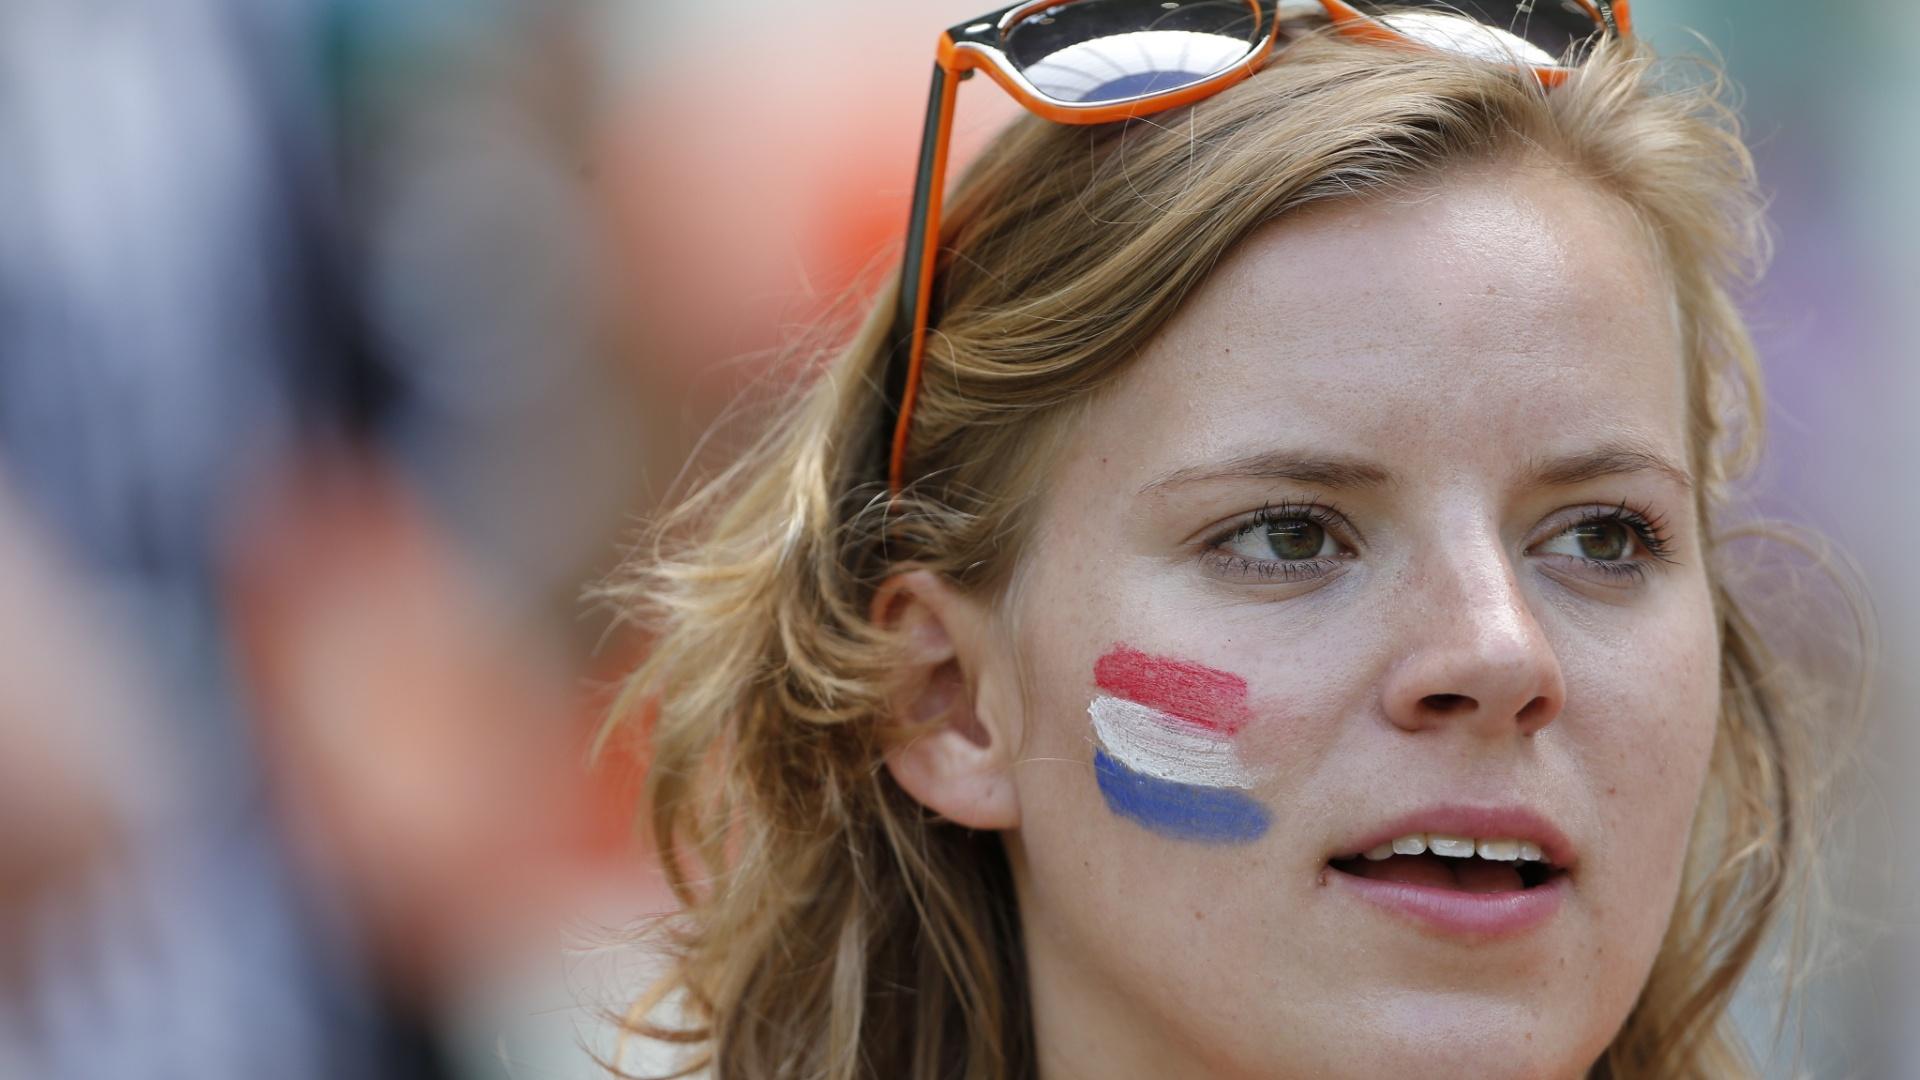 Torcedora holandesa pinta o rosto e usa óculos com detalhe laranja para o jogo contra o México no Castelão